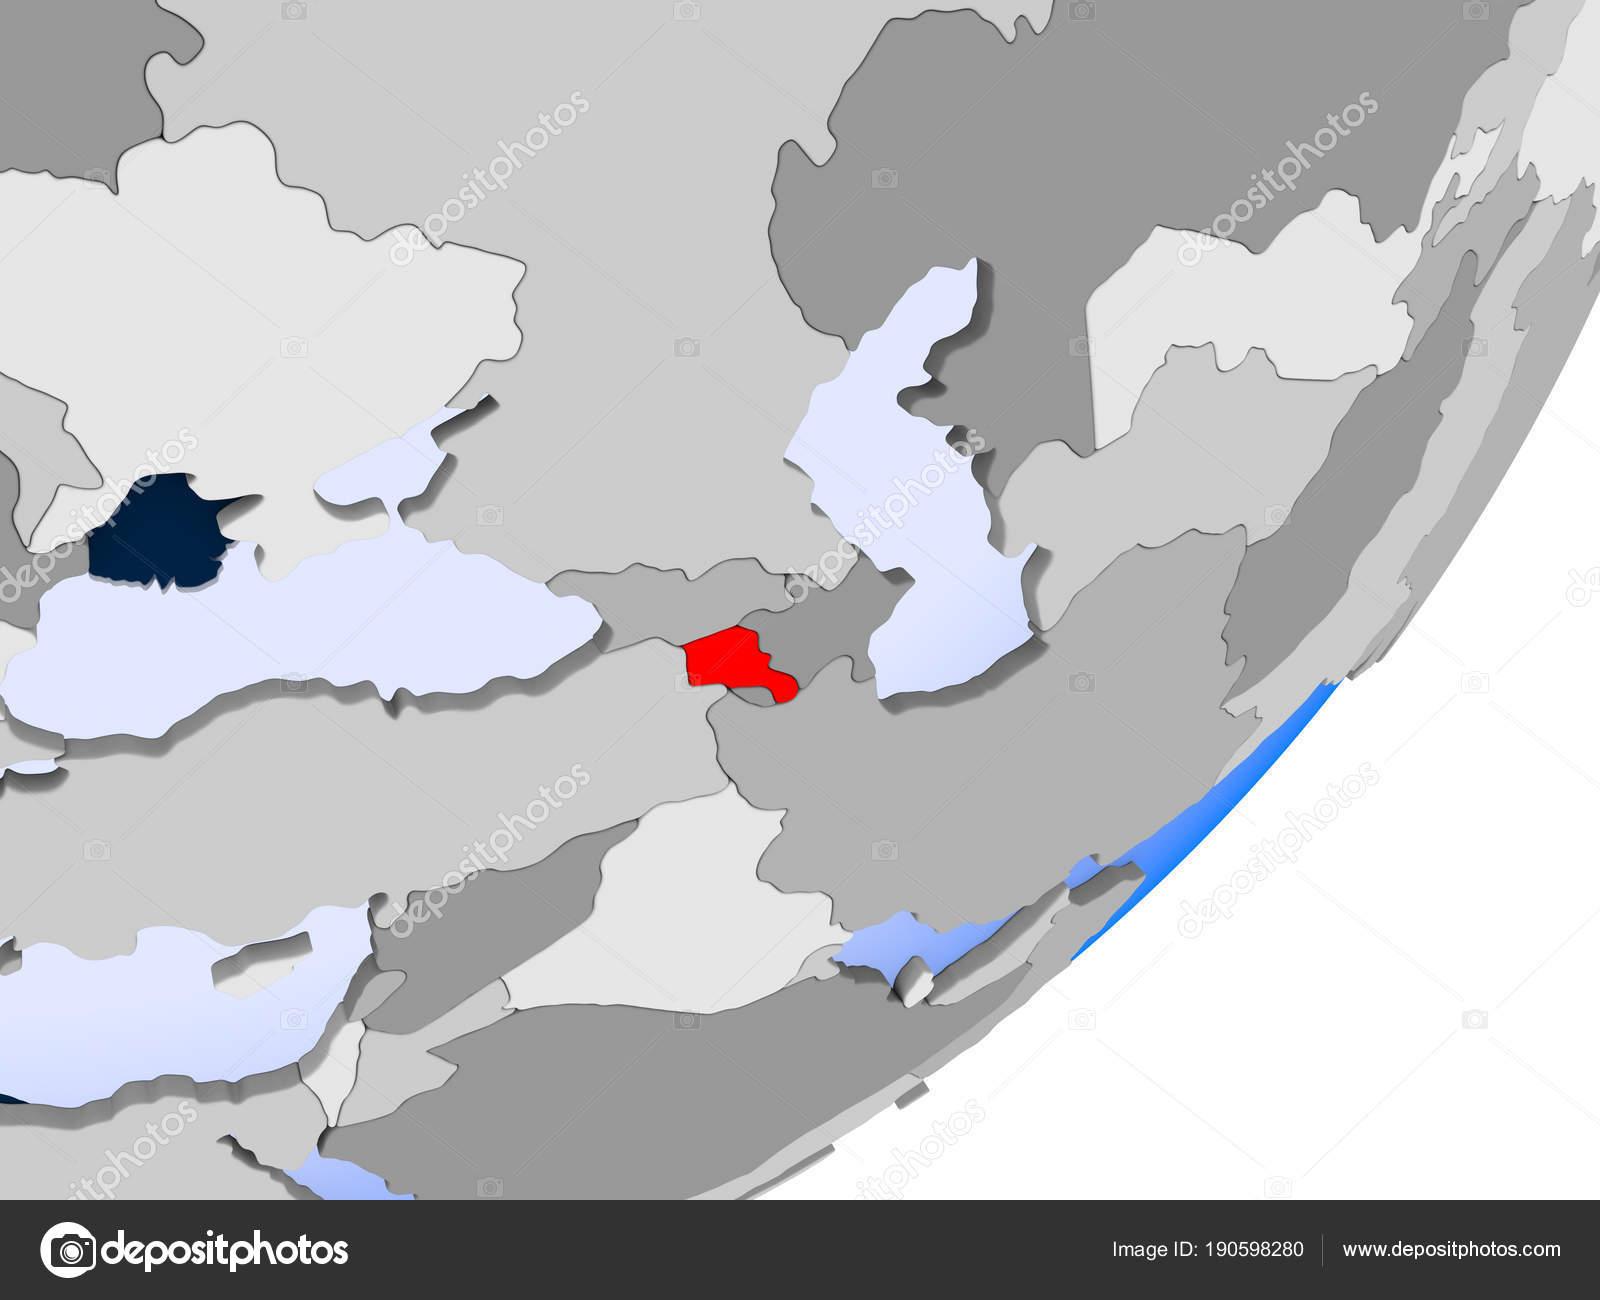 Armenien Karte.Karte Von Armenien Stockfoto C Tom Griger 190598280